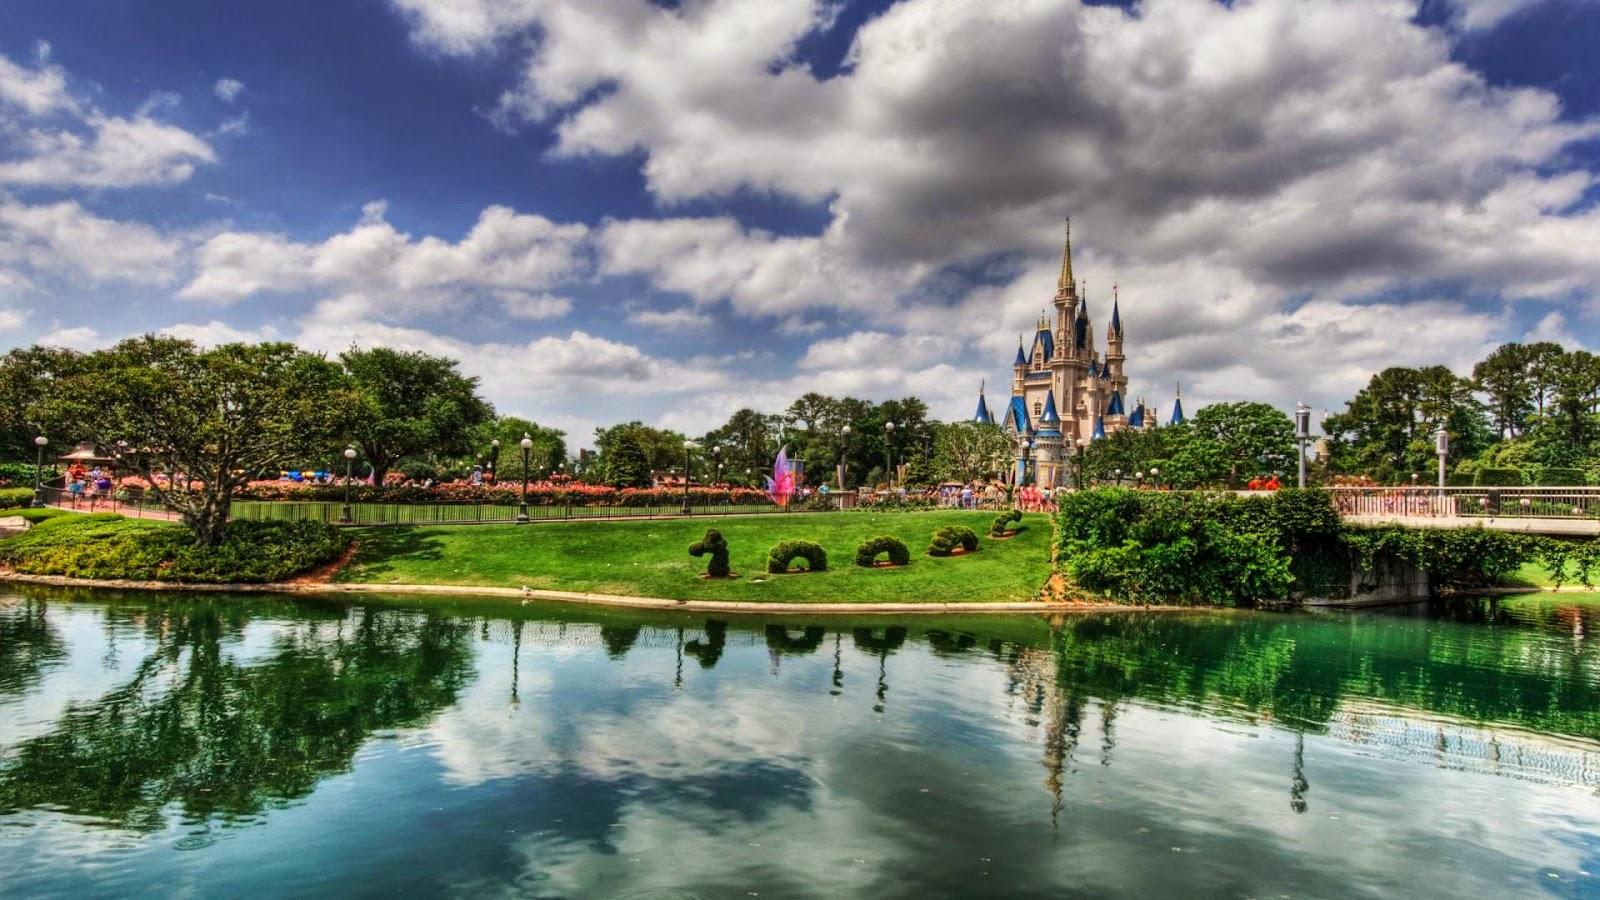 Papel de parede da Disney em Orlando